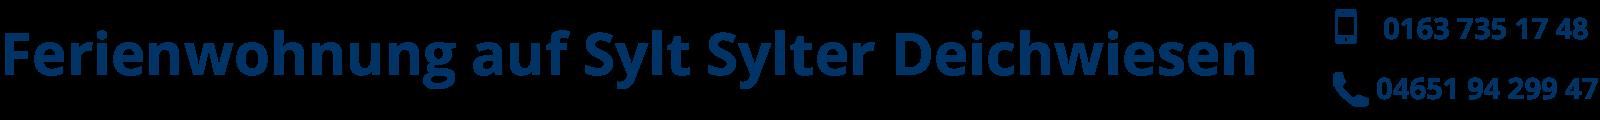 Ferienwohnung auf Sylt Sylter Deichwiesen     Tel: 0163 – 735 1748